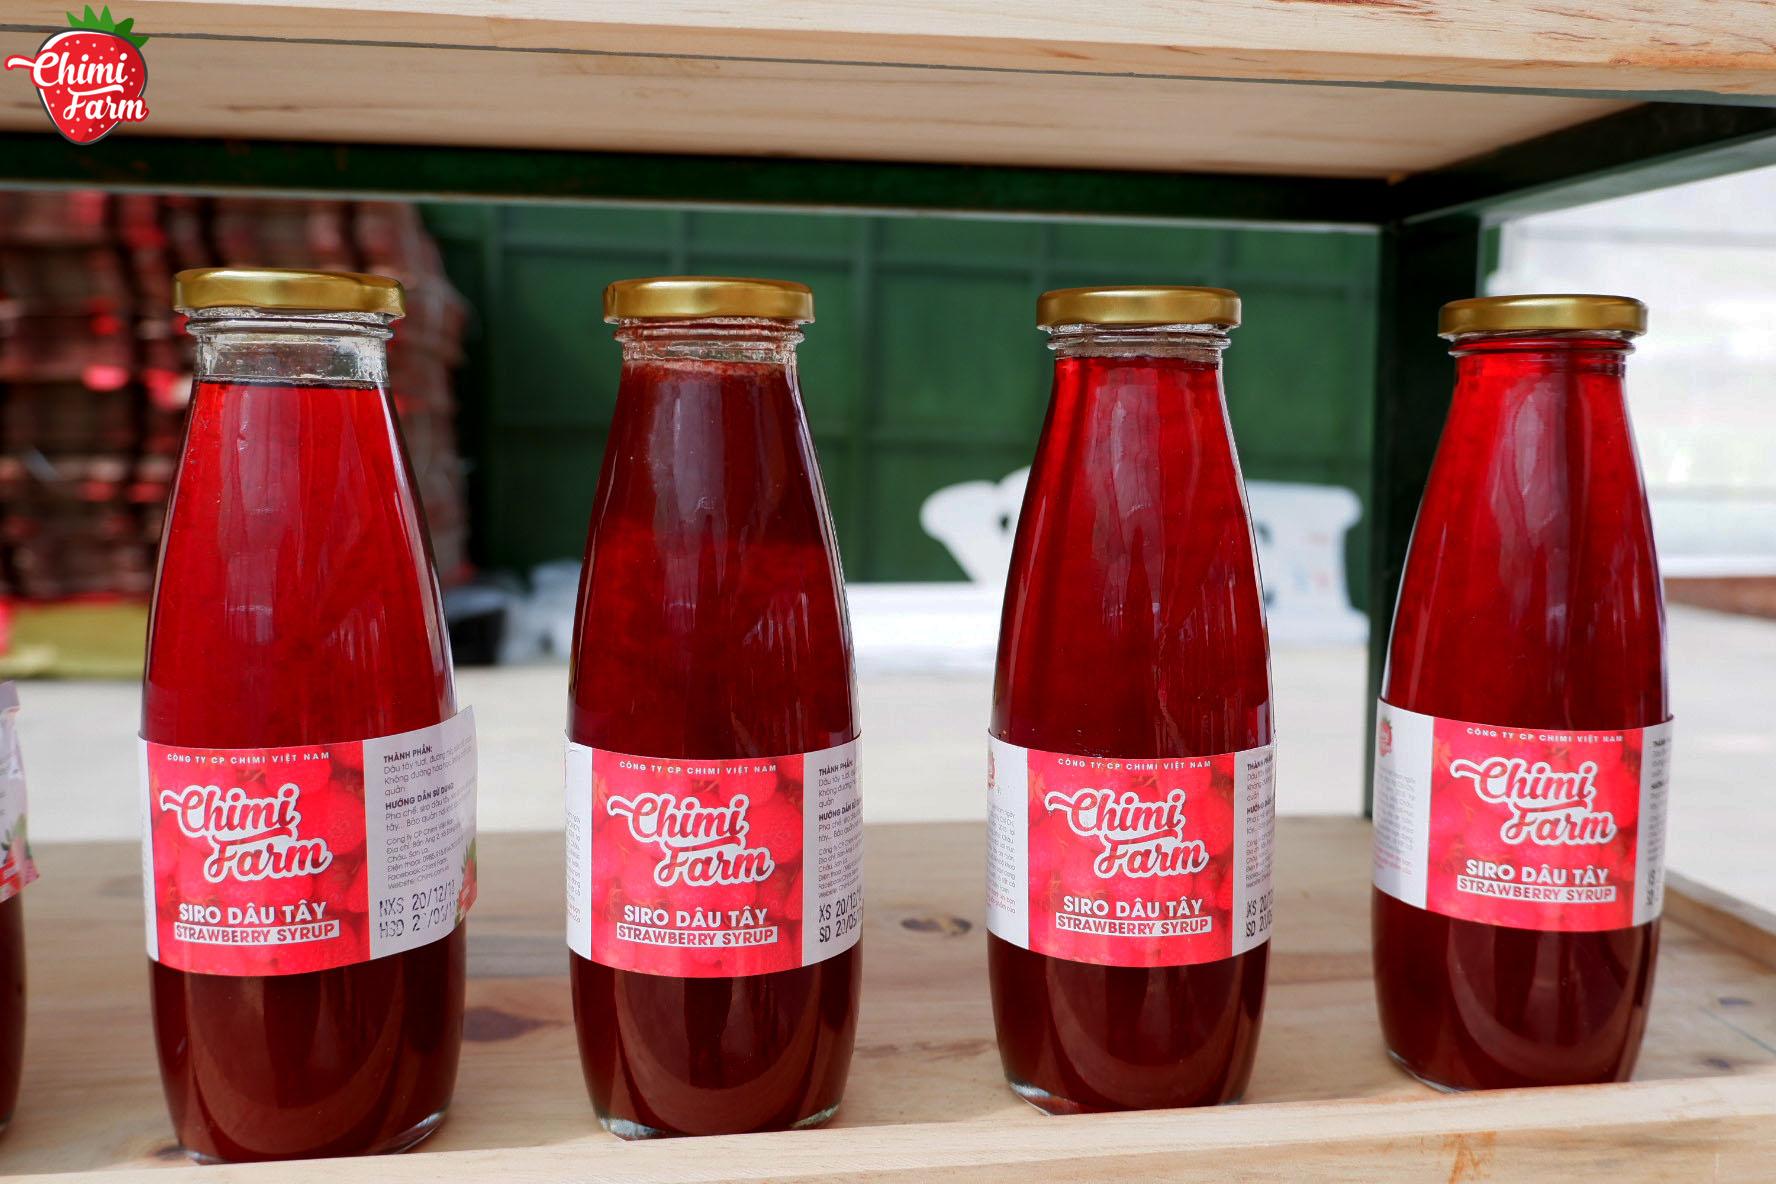 Siro dâu tây món đồ uống giải khát cho mùa hè